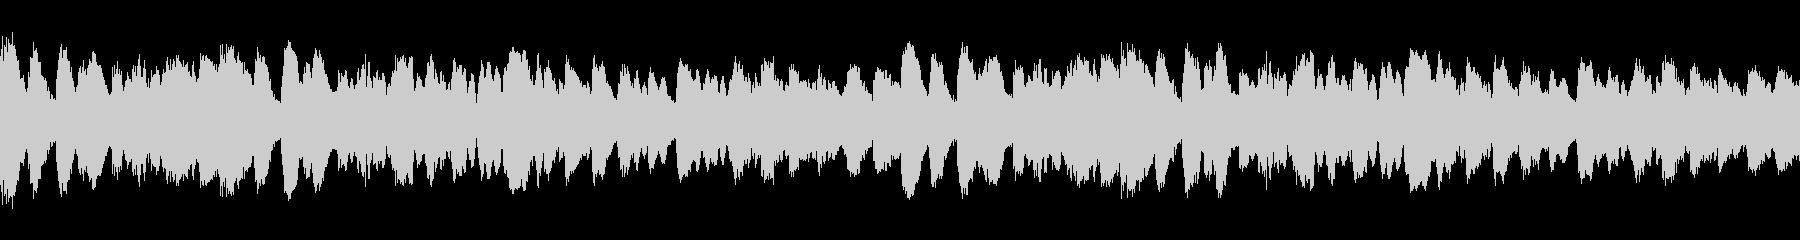 オーケストラ楽器魔法のファンタジー...の未再生の波形